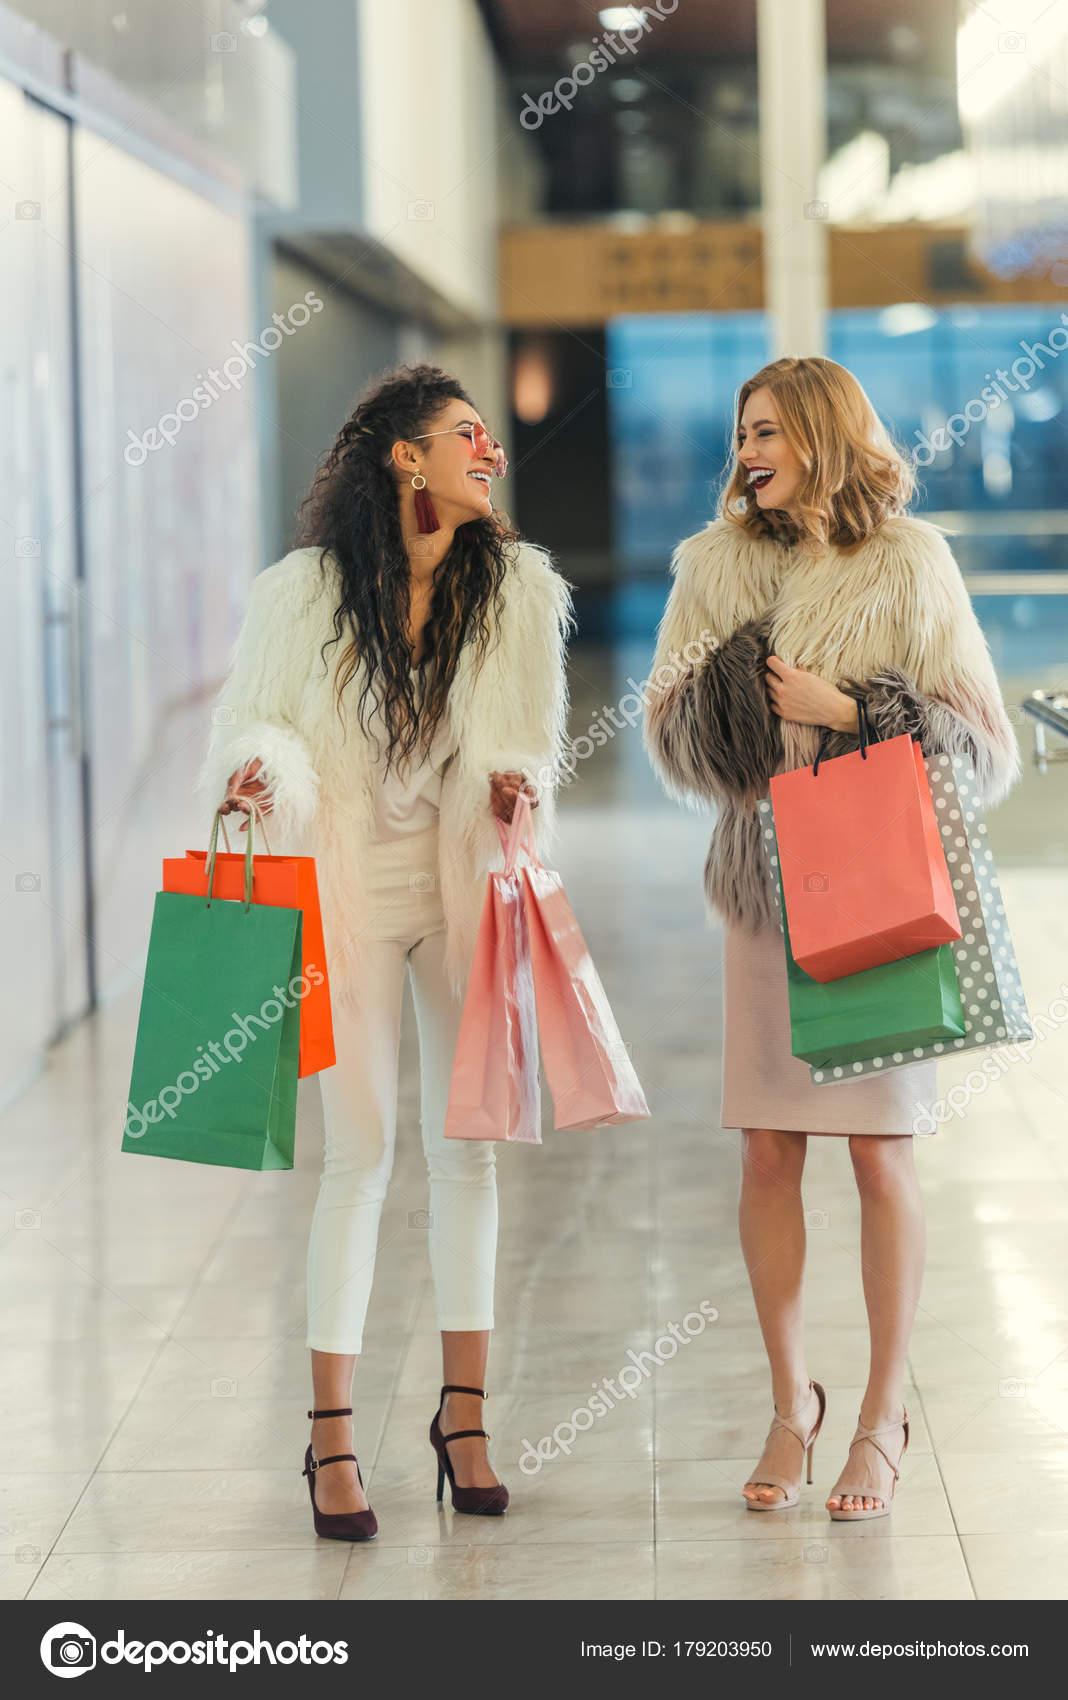 ea94ce5d2 Stylish Women Fur Coats Shopping Bags Walking Mall Laughing — Stock Photo